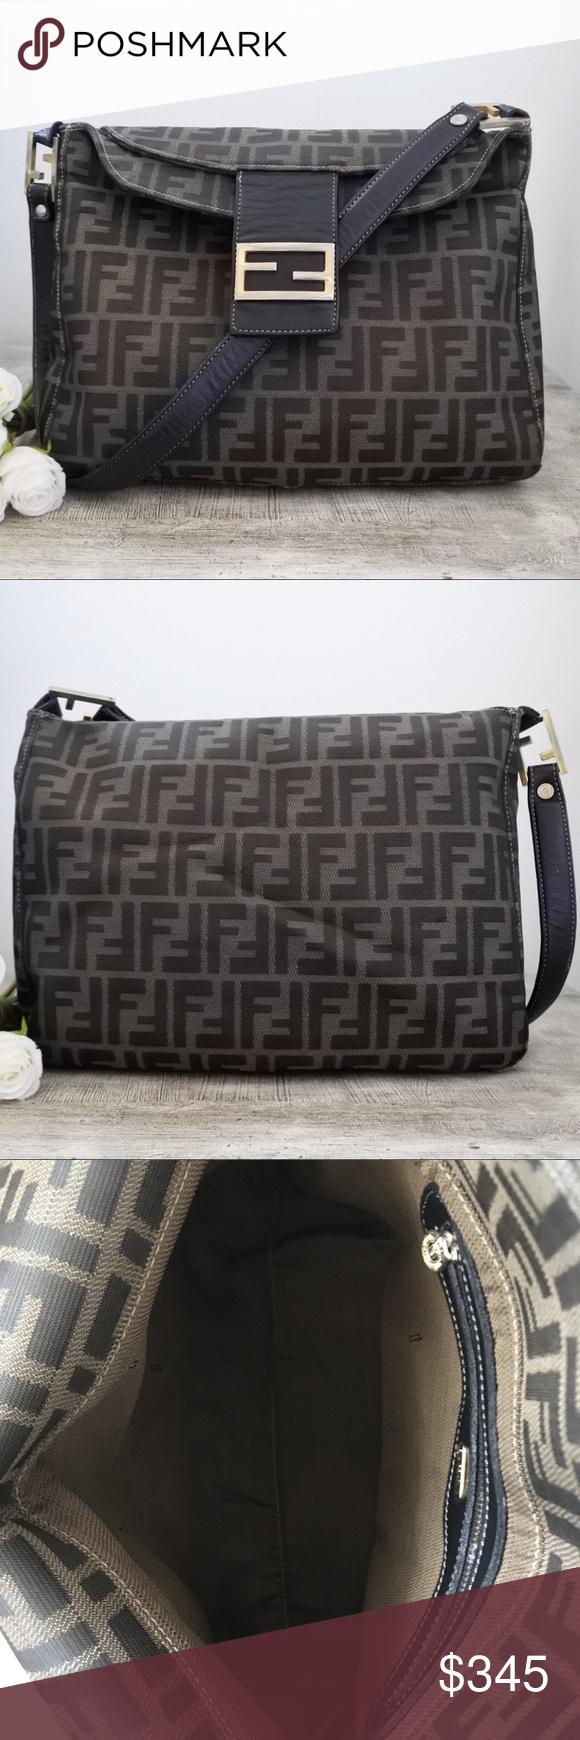 af53b7ec2ba Fendi Zucca Monogram Shoulder Bag Authentic Vintage Fendi Zucca Monogram  Canvas Bag. Beautiful tobacco brown